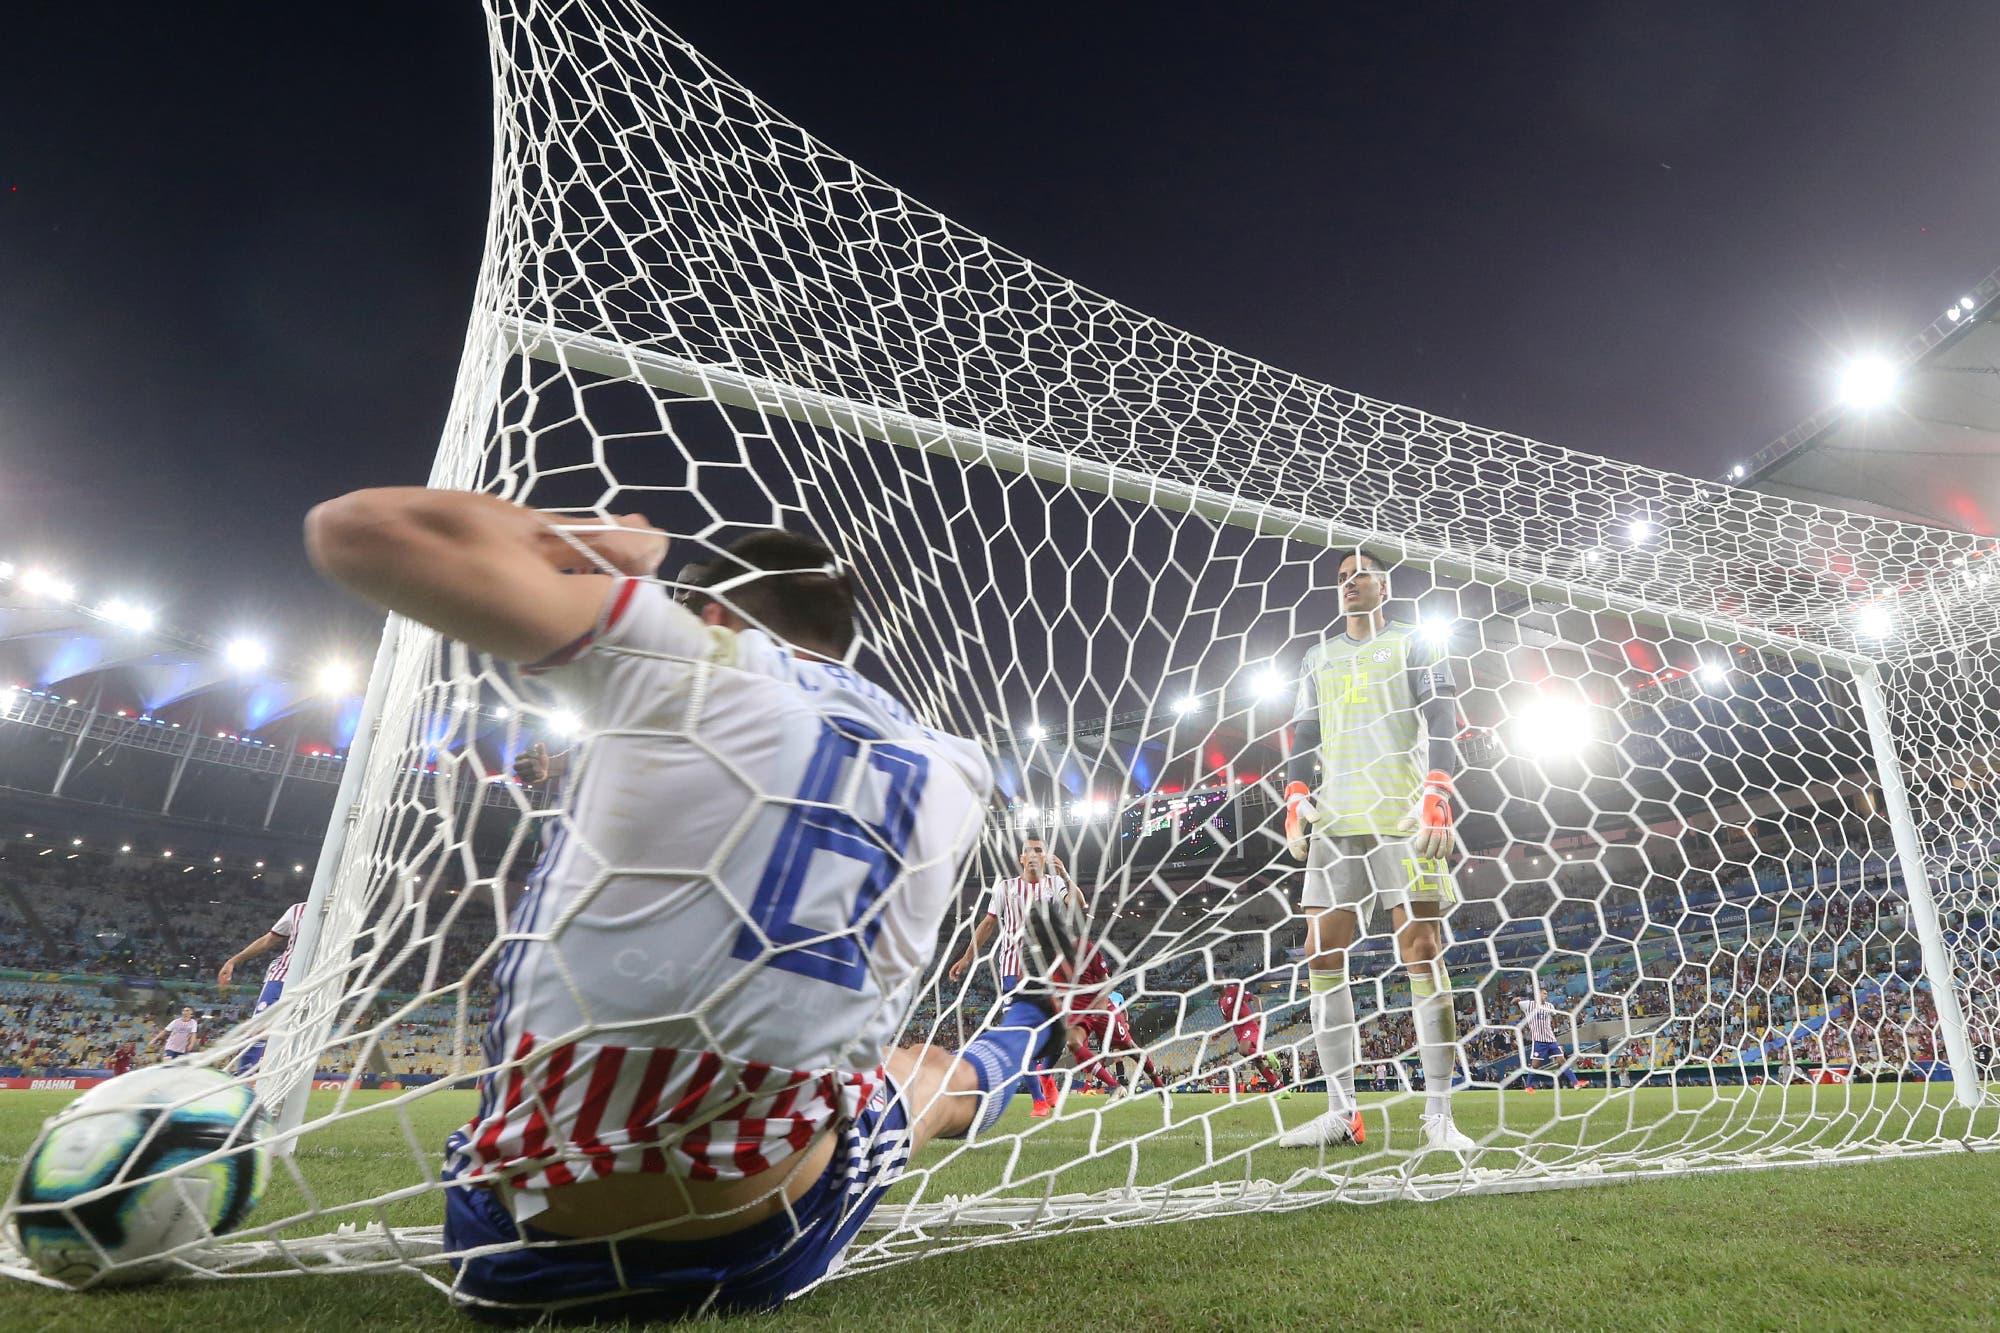 Enredado: la insólita lesión del jugador paraguayo tras hacer un gol en contra